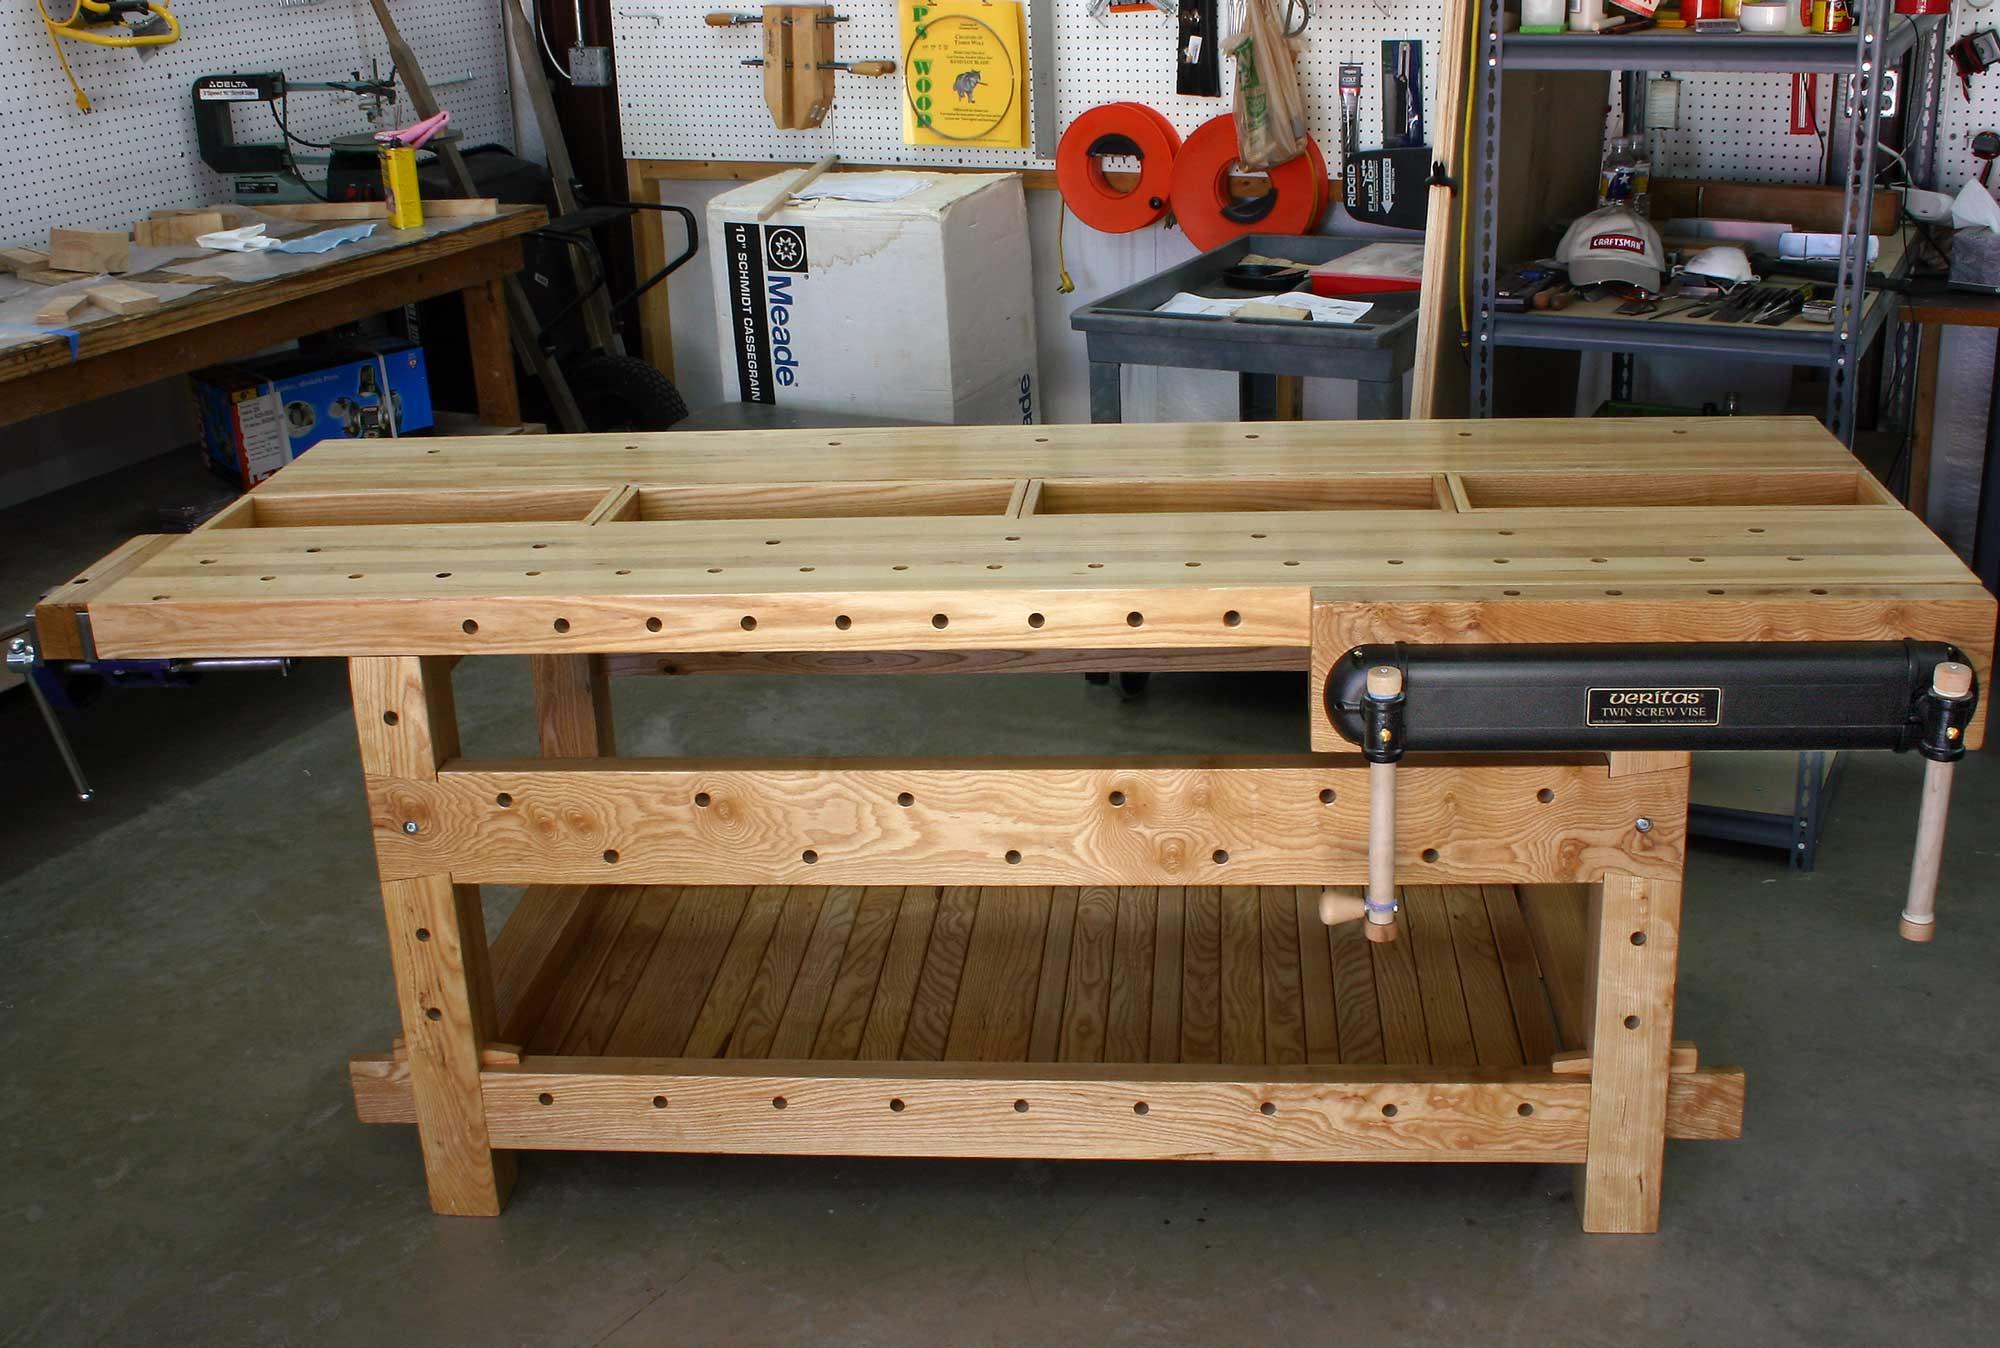 Верстак в гараже своими руками: как сделать Строй 90